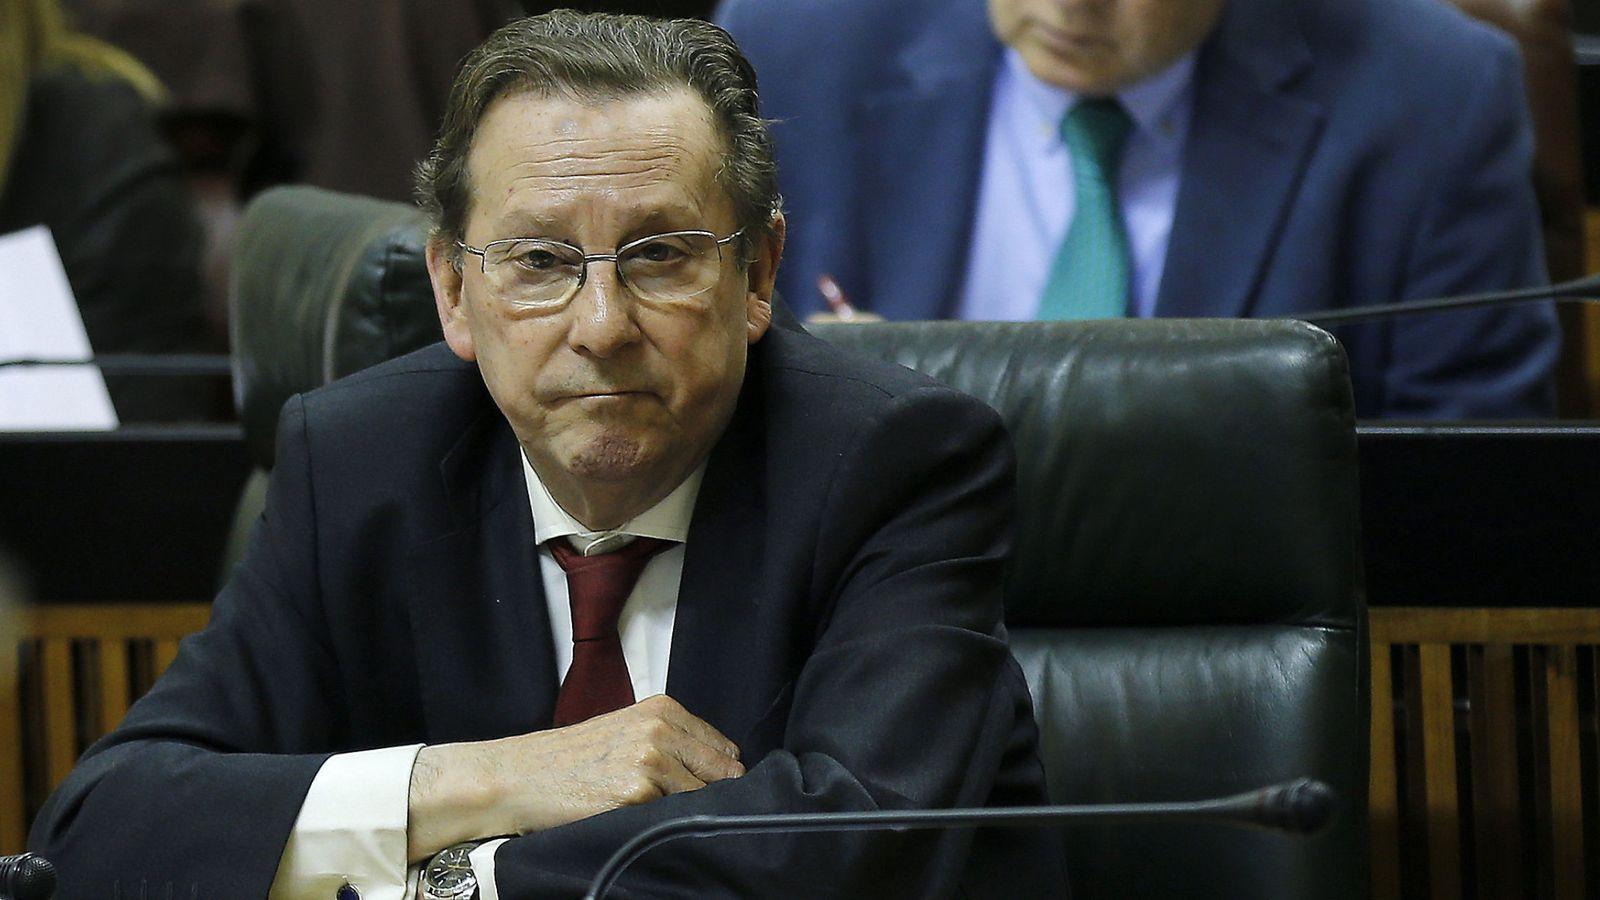 Foto: El consejero de Justicia e Interior, Emilio de Llera. (EFE)